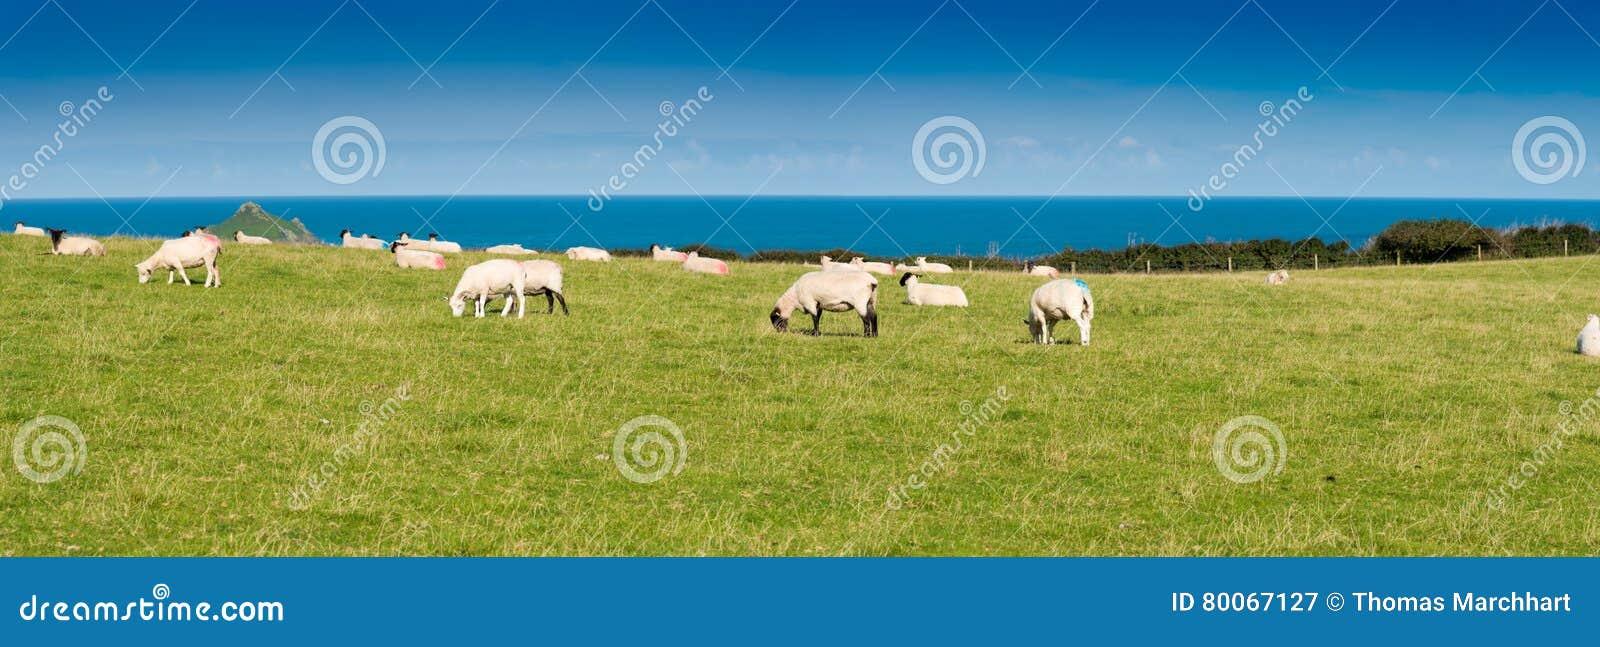 Flockas får